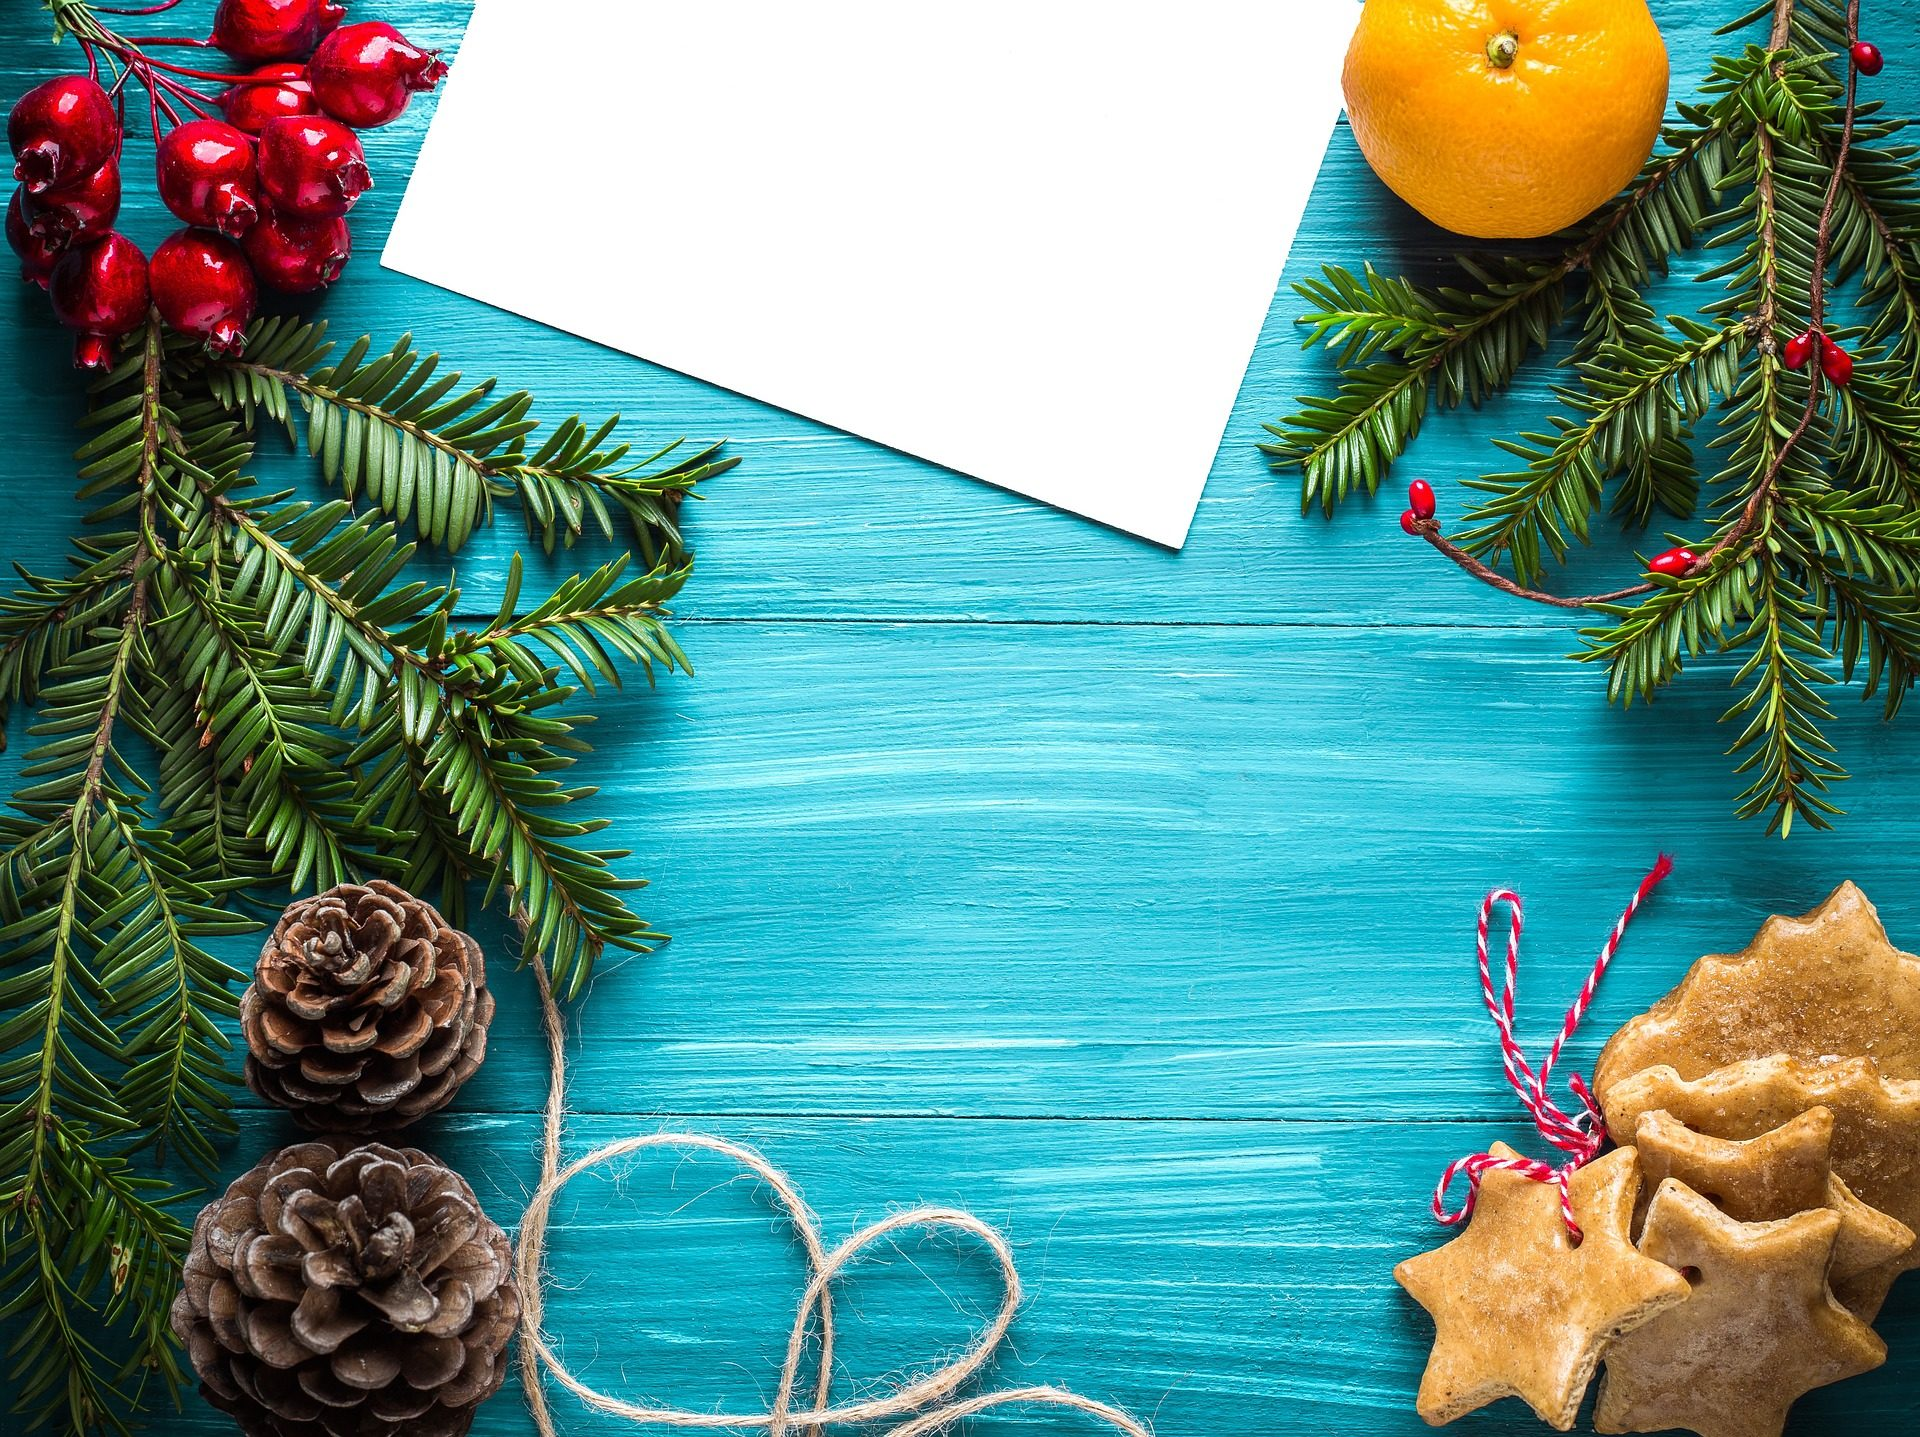 ग्रीटिंग, कार्ड, अनानास, कुकीज़, बंडा, क्रिसमस, ब्लू - HD वॉलपेपर - प्रोफेसर-falken.com